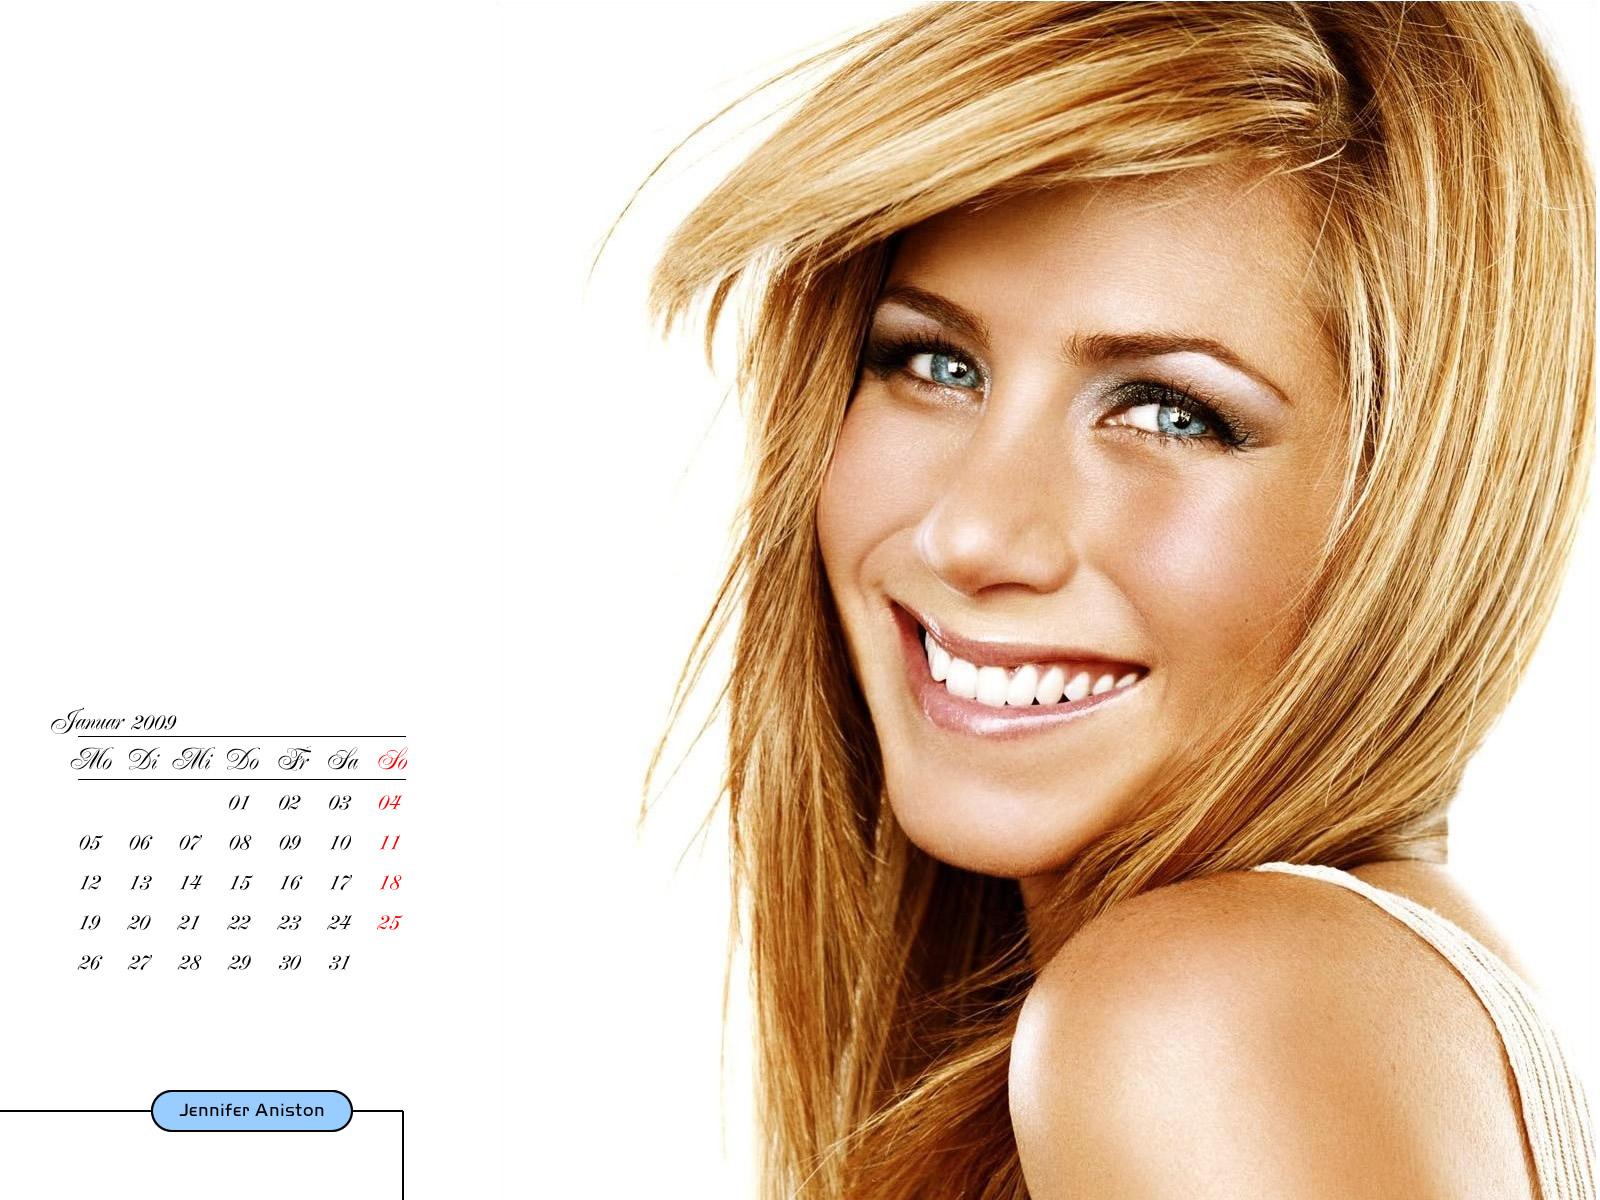 http://4.bp.blogspot.com/_a1oM4gV1bv4/SVDTqr_jNWI/AAAAAAAAA1Q/HQREVMQJ2-M/s1600/80534_01_JenniferAniston_Januar_122_369lo.jpg